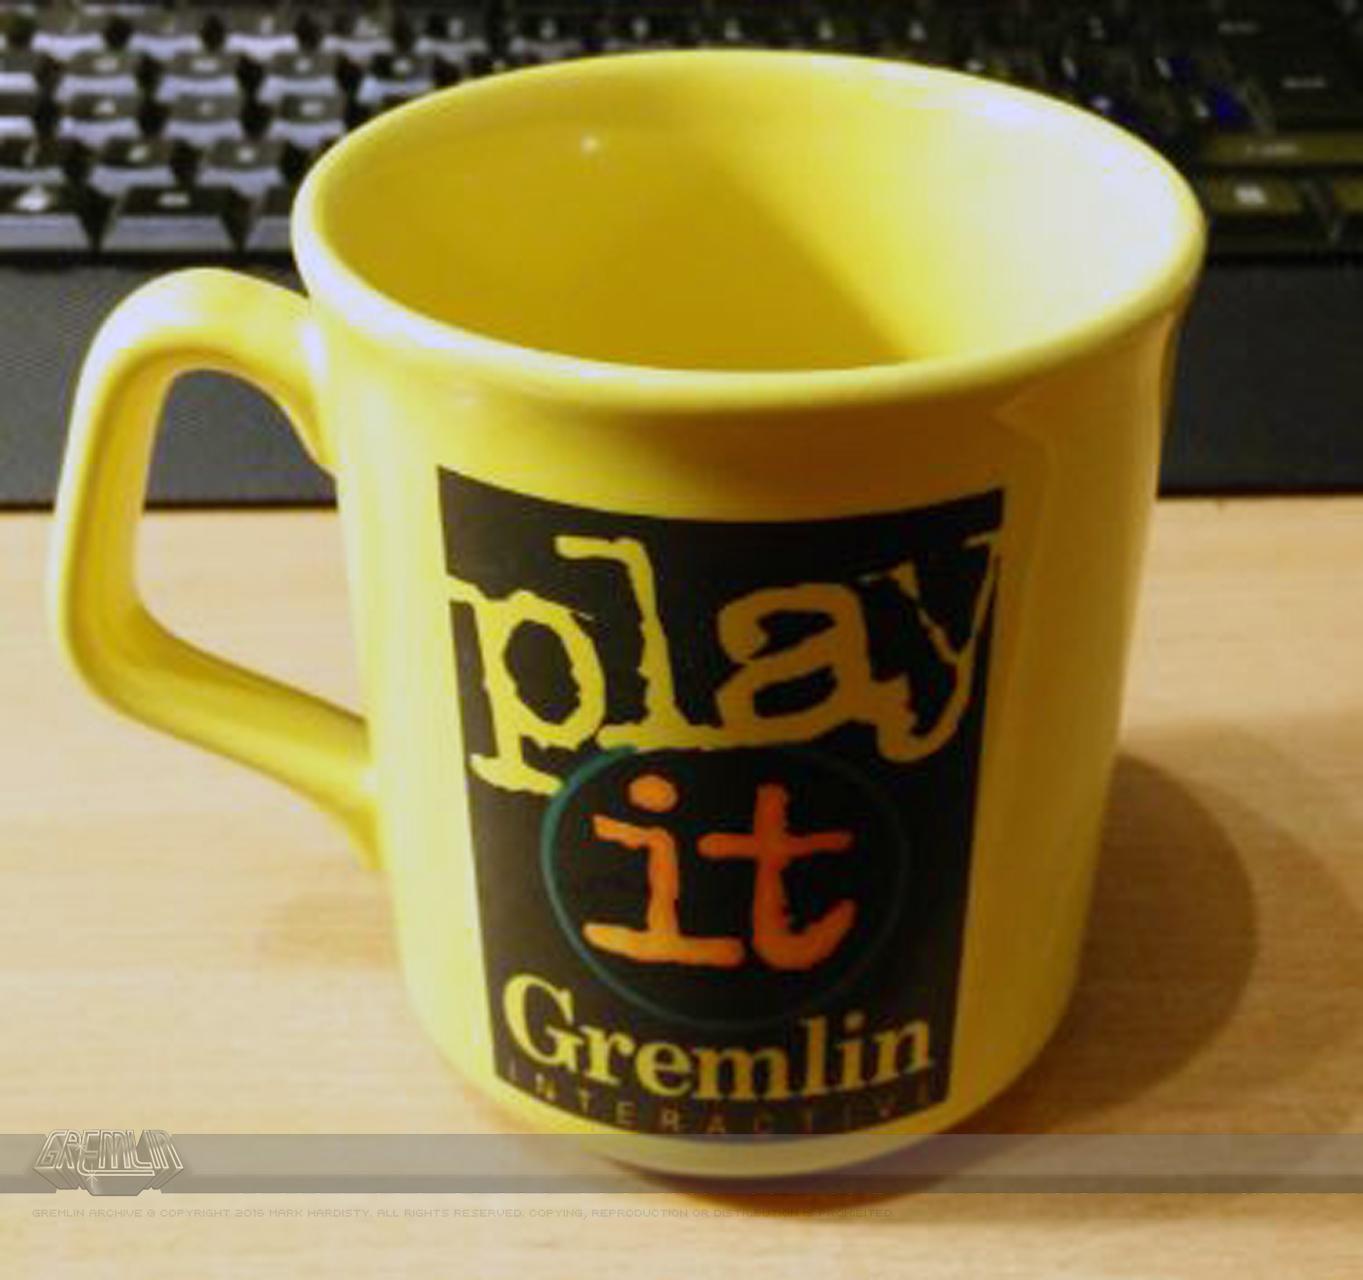 Play It – Gremlin Interactive Mug